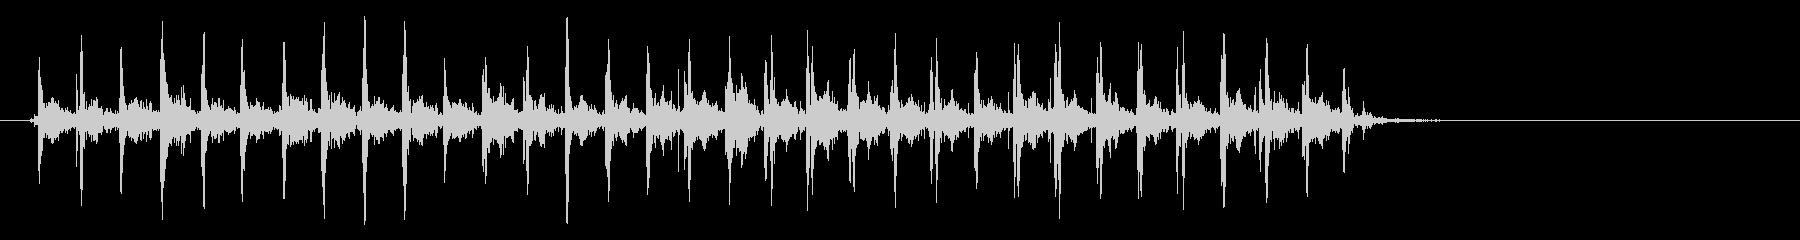 9 MM Uzi:ミディアムバーストの未再生の波形